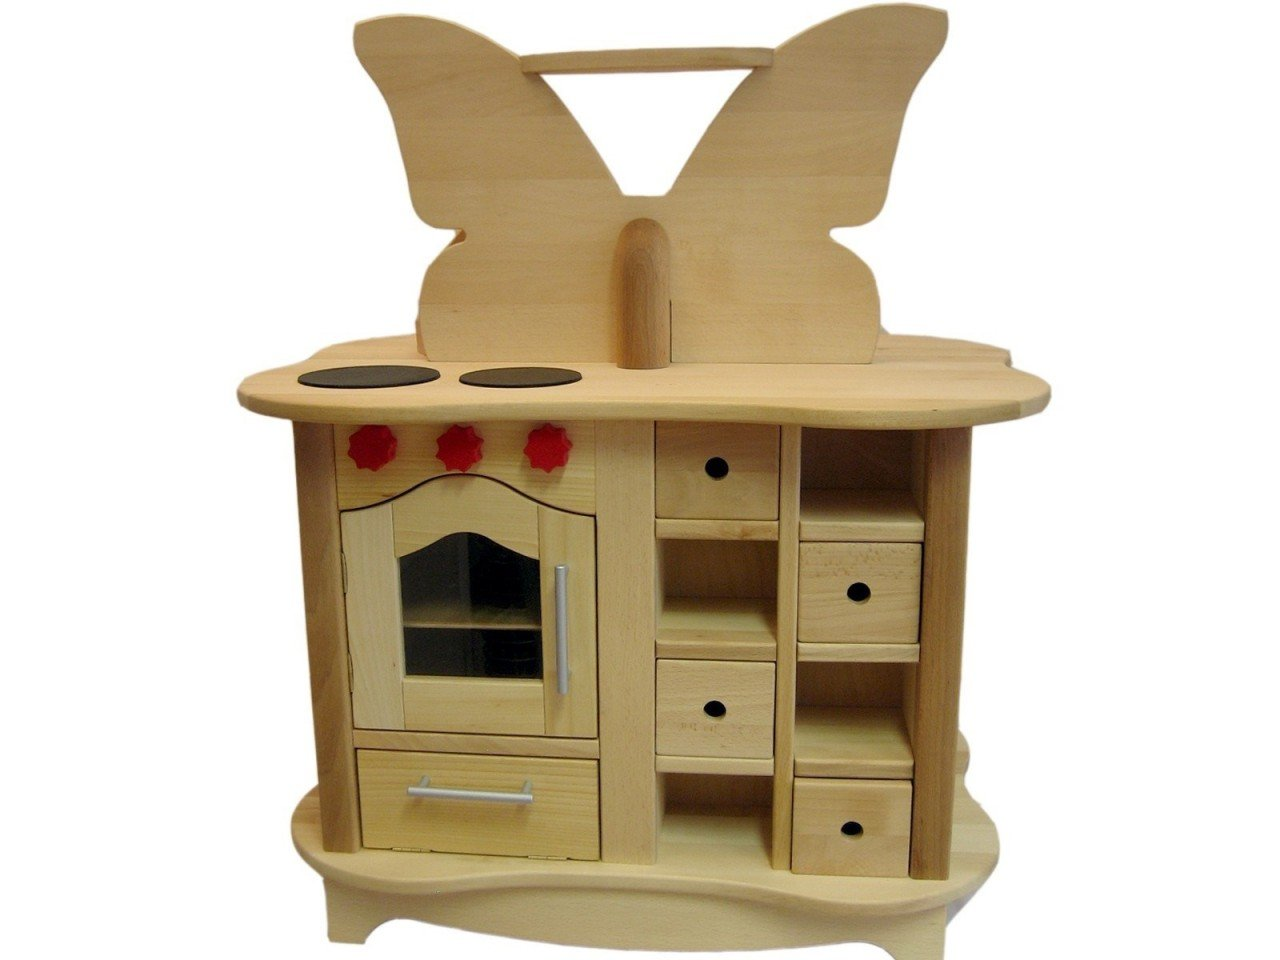 Kinderküche beidseitig bespielbar - Estia Schmetterling Küche